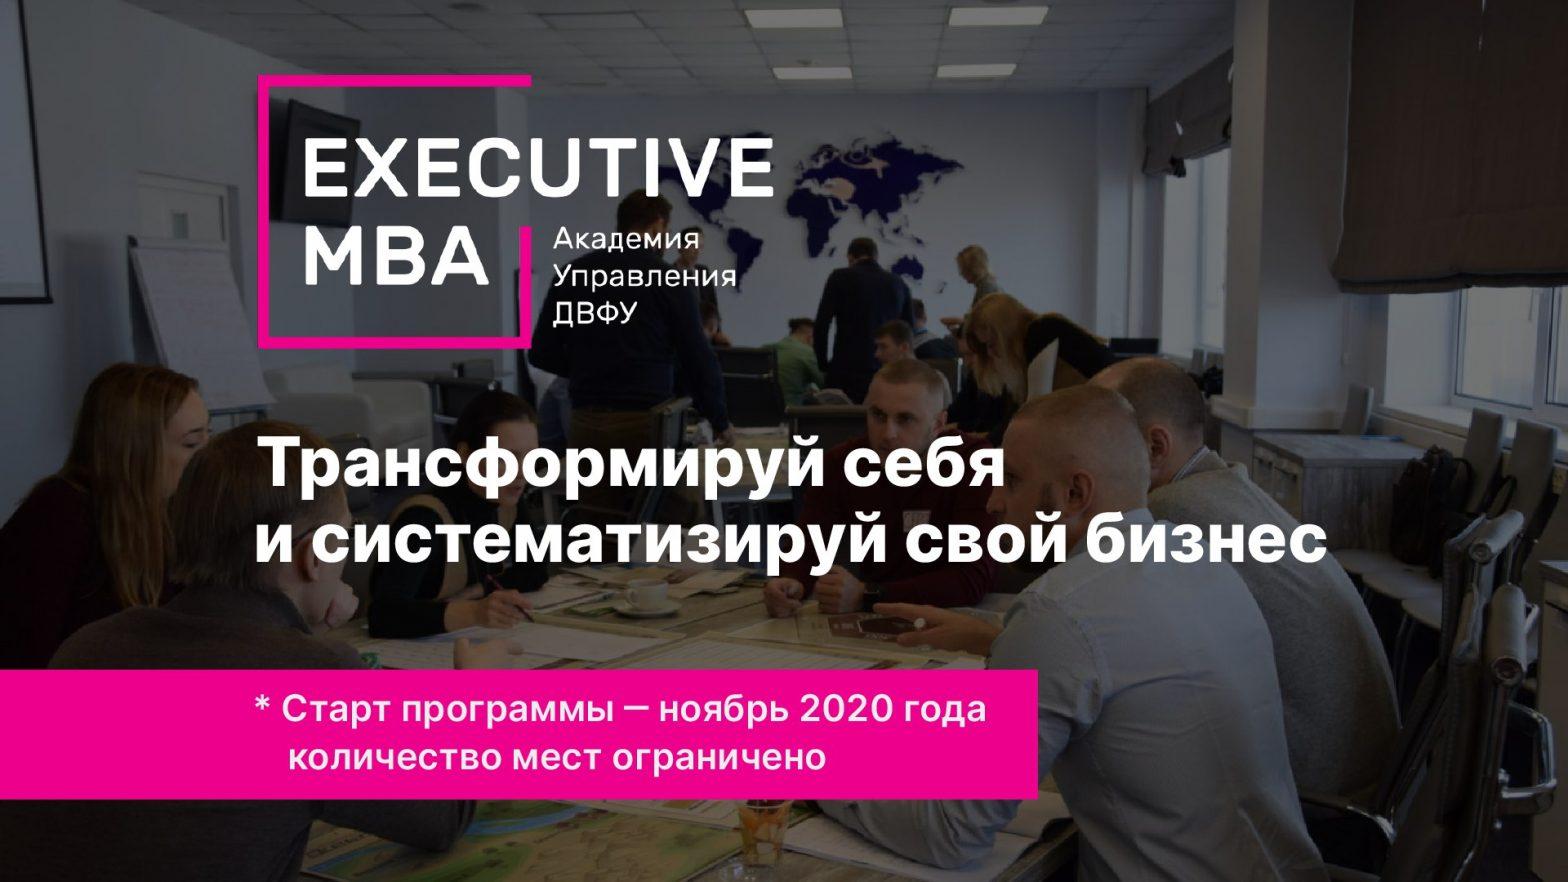 Бизнес-образование на Дальнем Востоке:  Академия управления ДВФУ запустила новый набор на программу Executive MBA